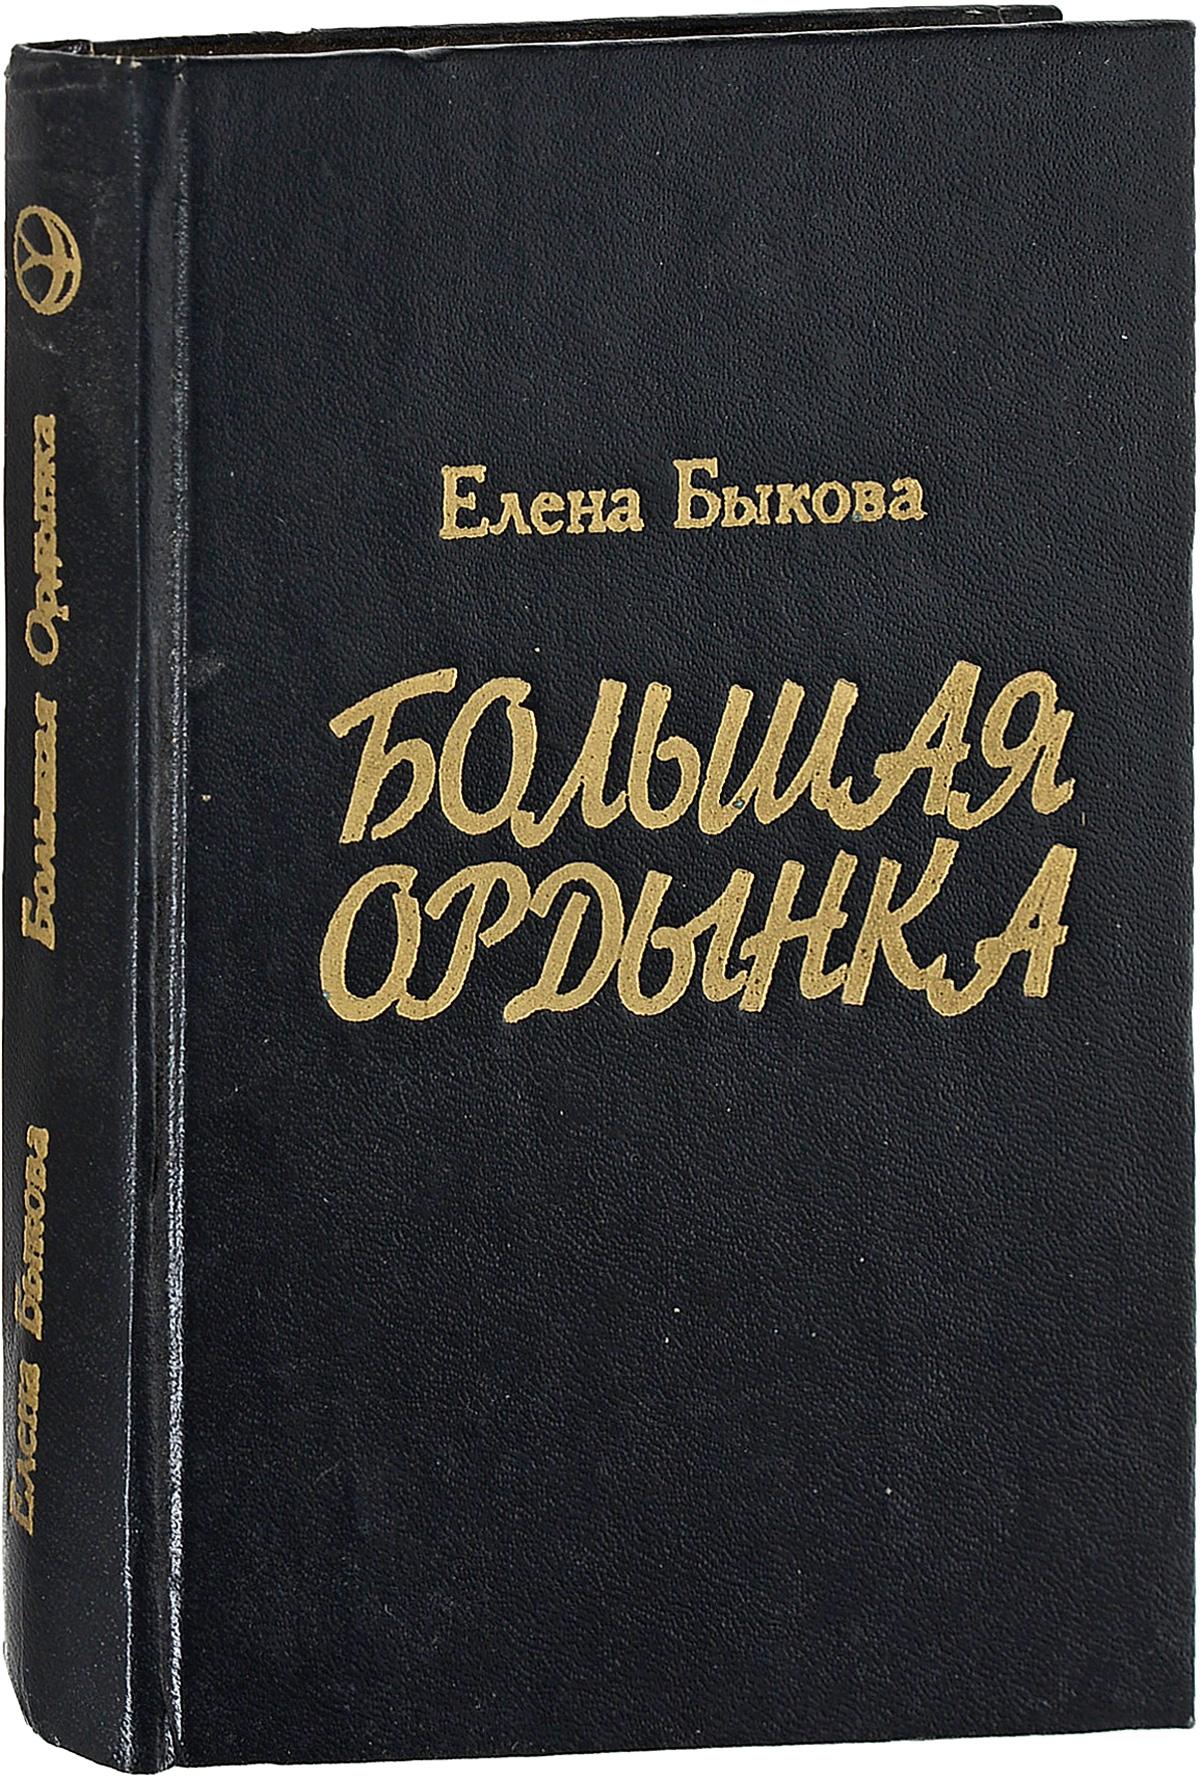 Е.Быкова Большая Ордынка